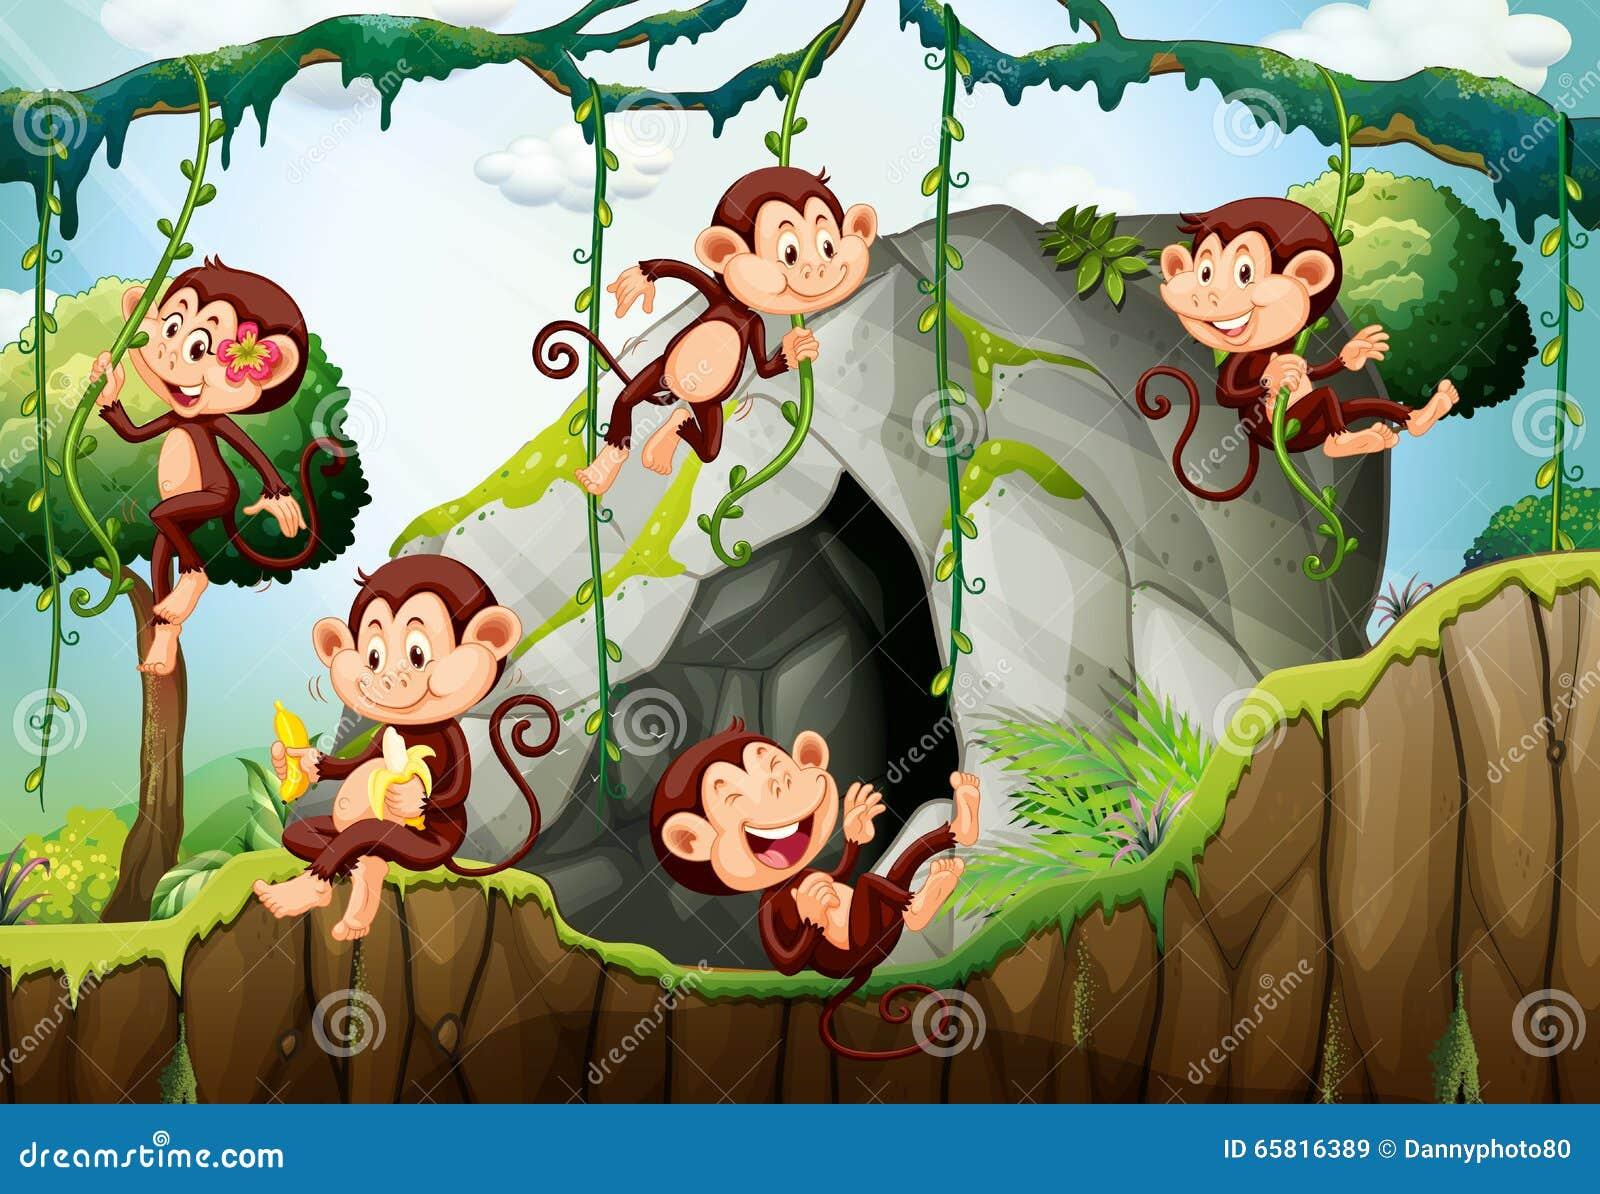 Fünf Affen, die im Wald leben